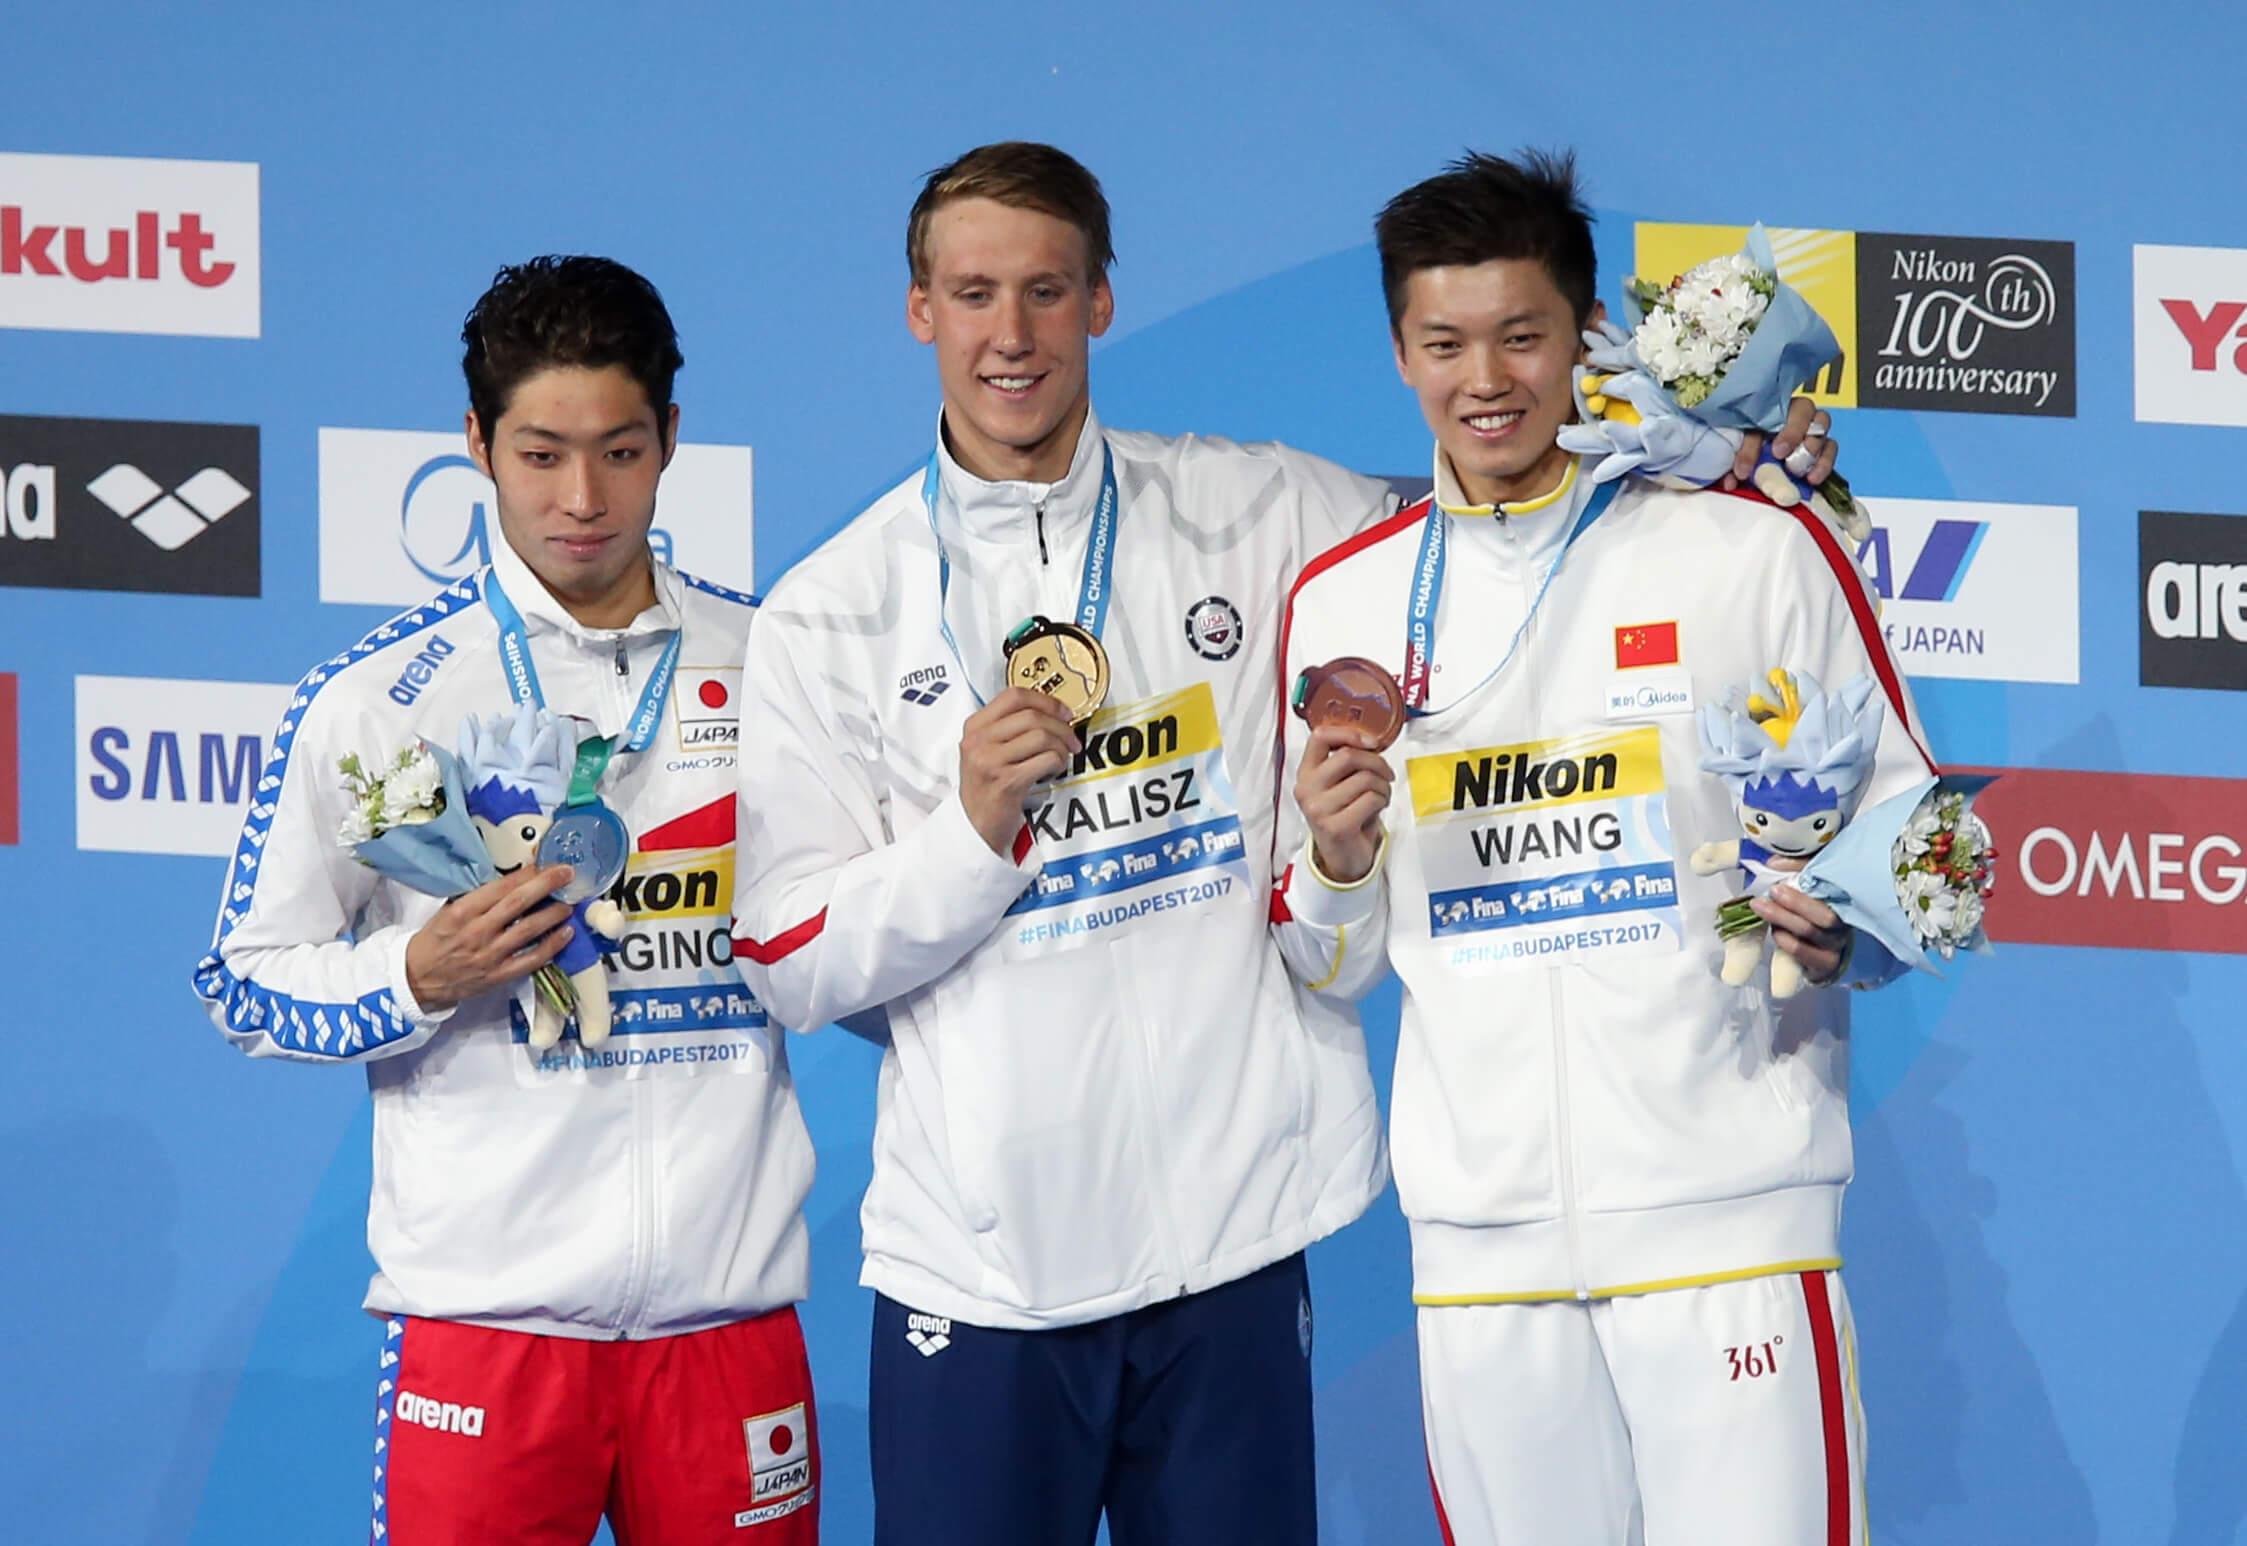 Косуке-hagino-Jpn-гонитба-Калиш-САЩ-Шун-Уан-CHN-медали на 2017 г. свята шампиони